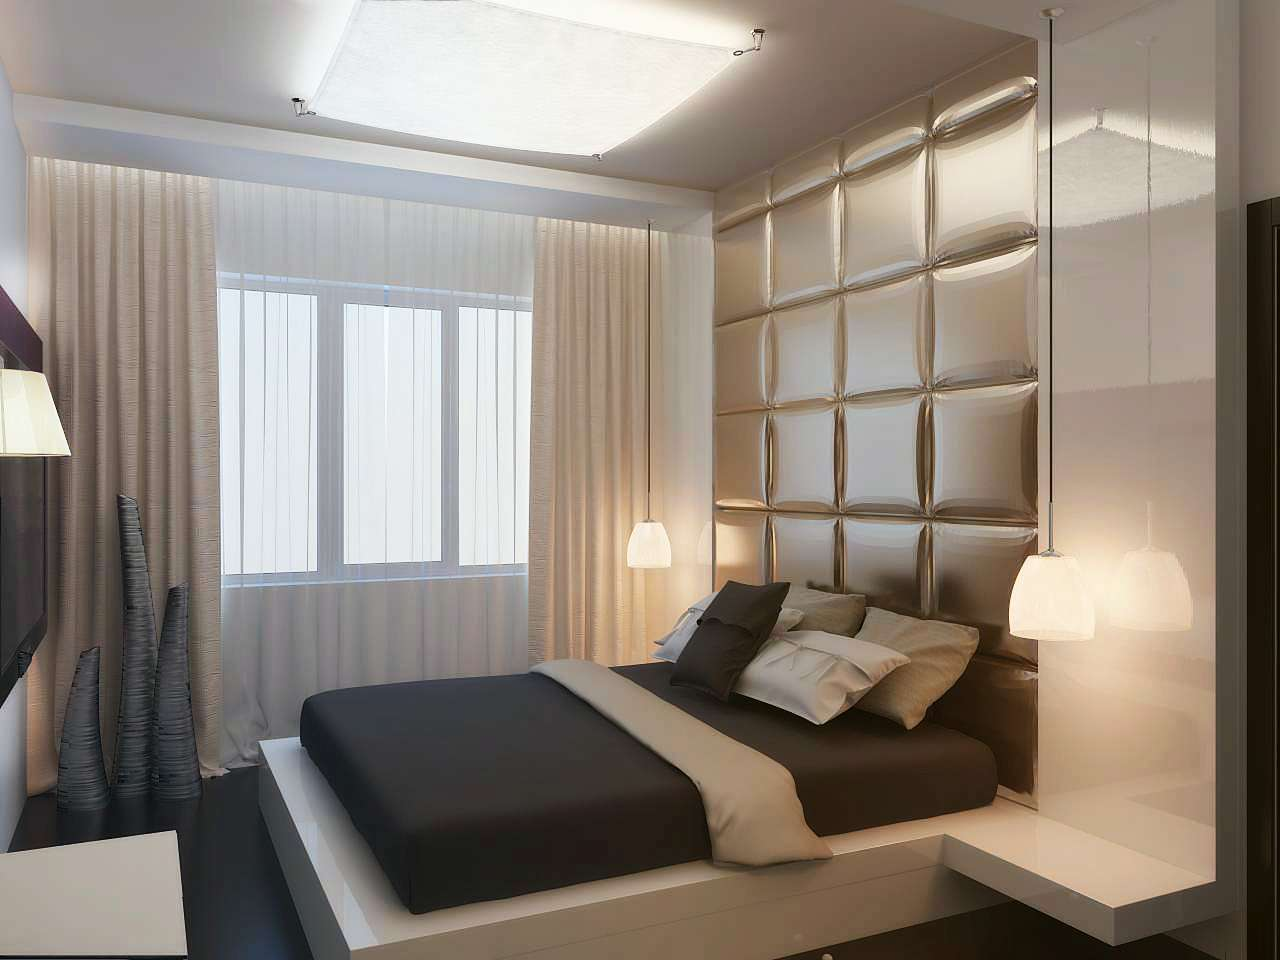 дизайн спальни 16 кв м в современном стиле фото интерьеров